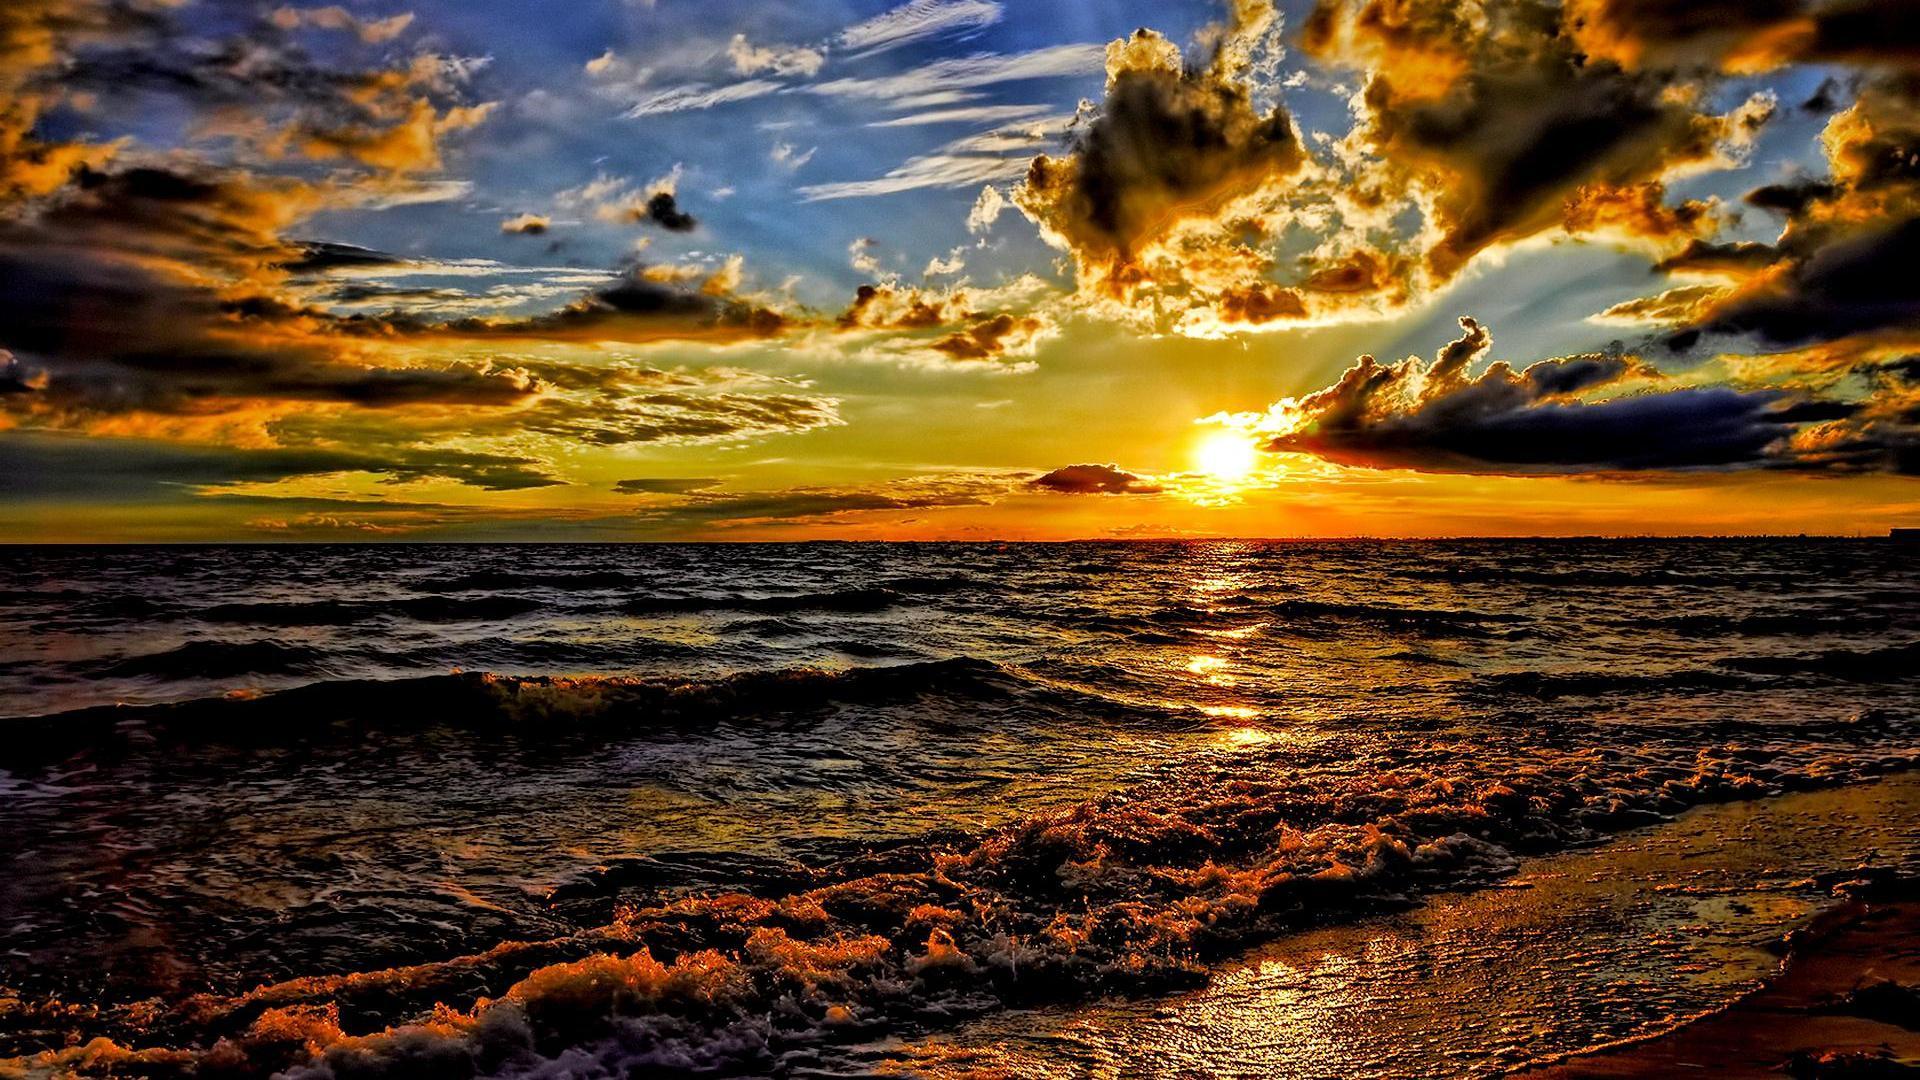 pictures of sunrises